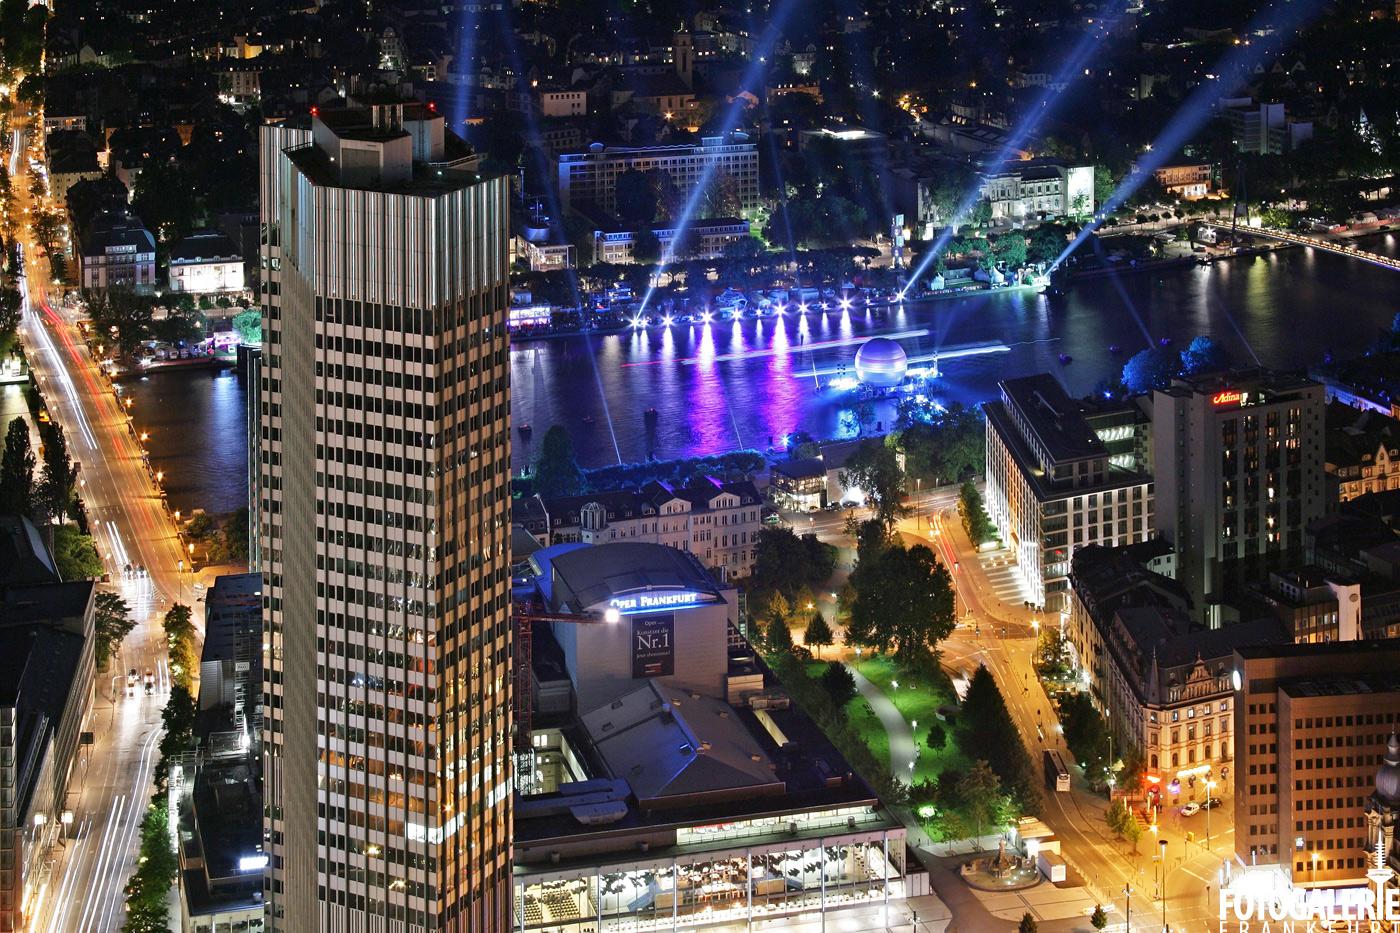 Wm Frankfurt